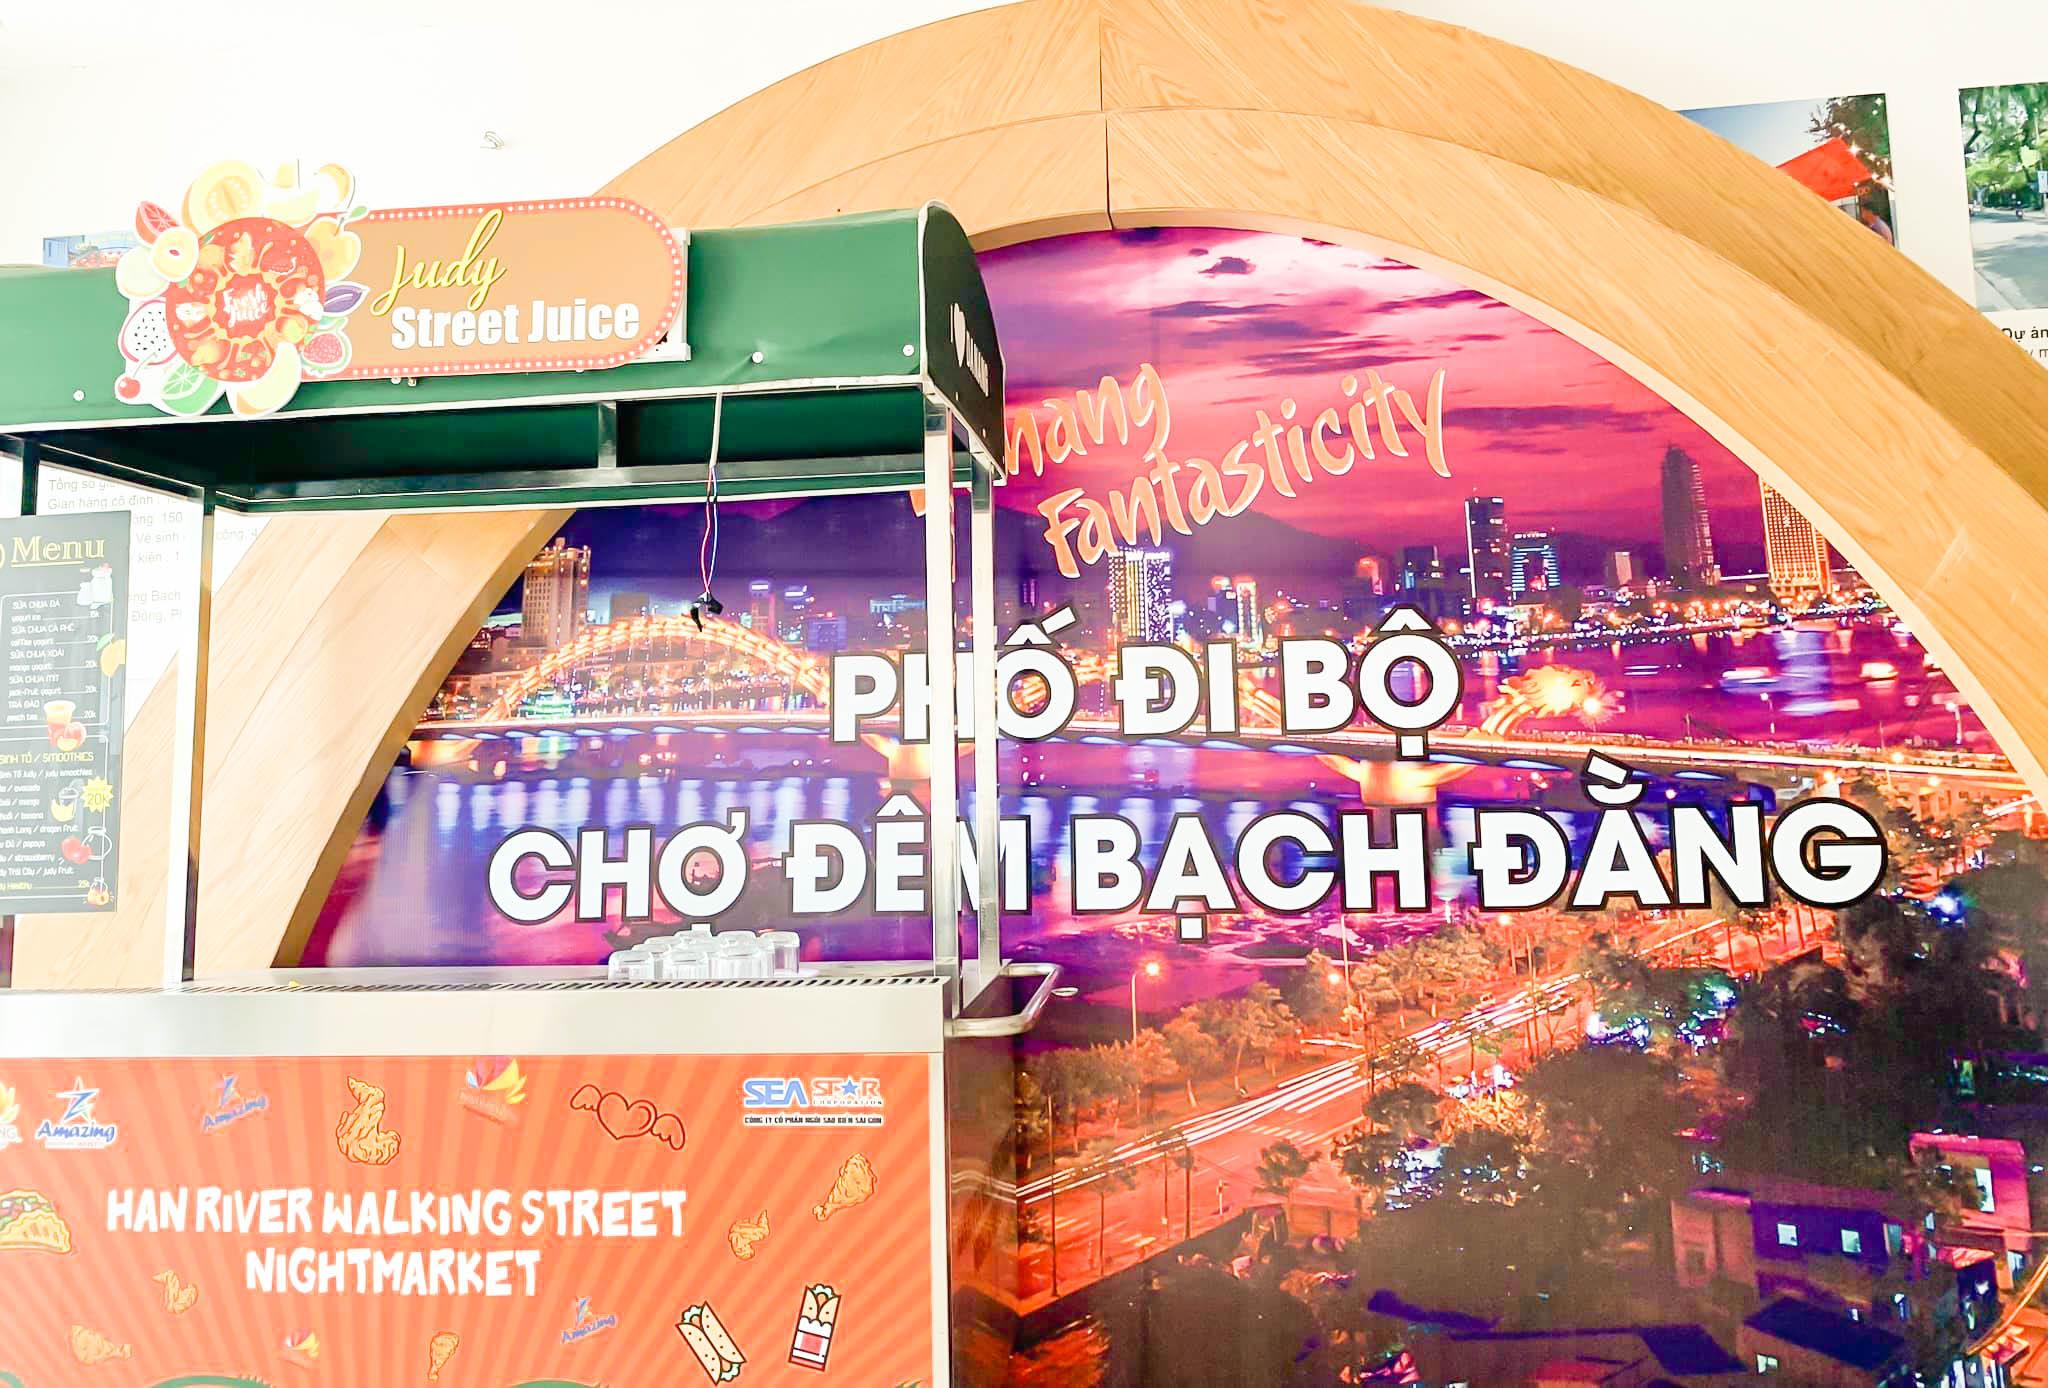 Đà nẵng sẽ có Phố Đi Bộ – Chợ Đêm Bạch Đằng vào Ngày 29/03